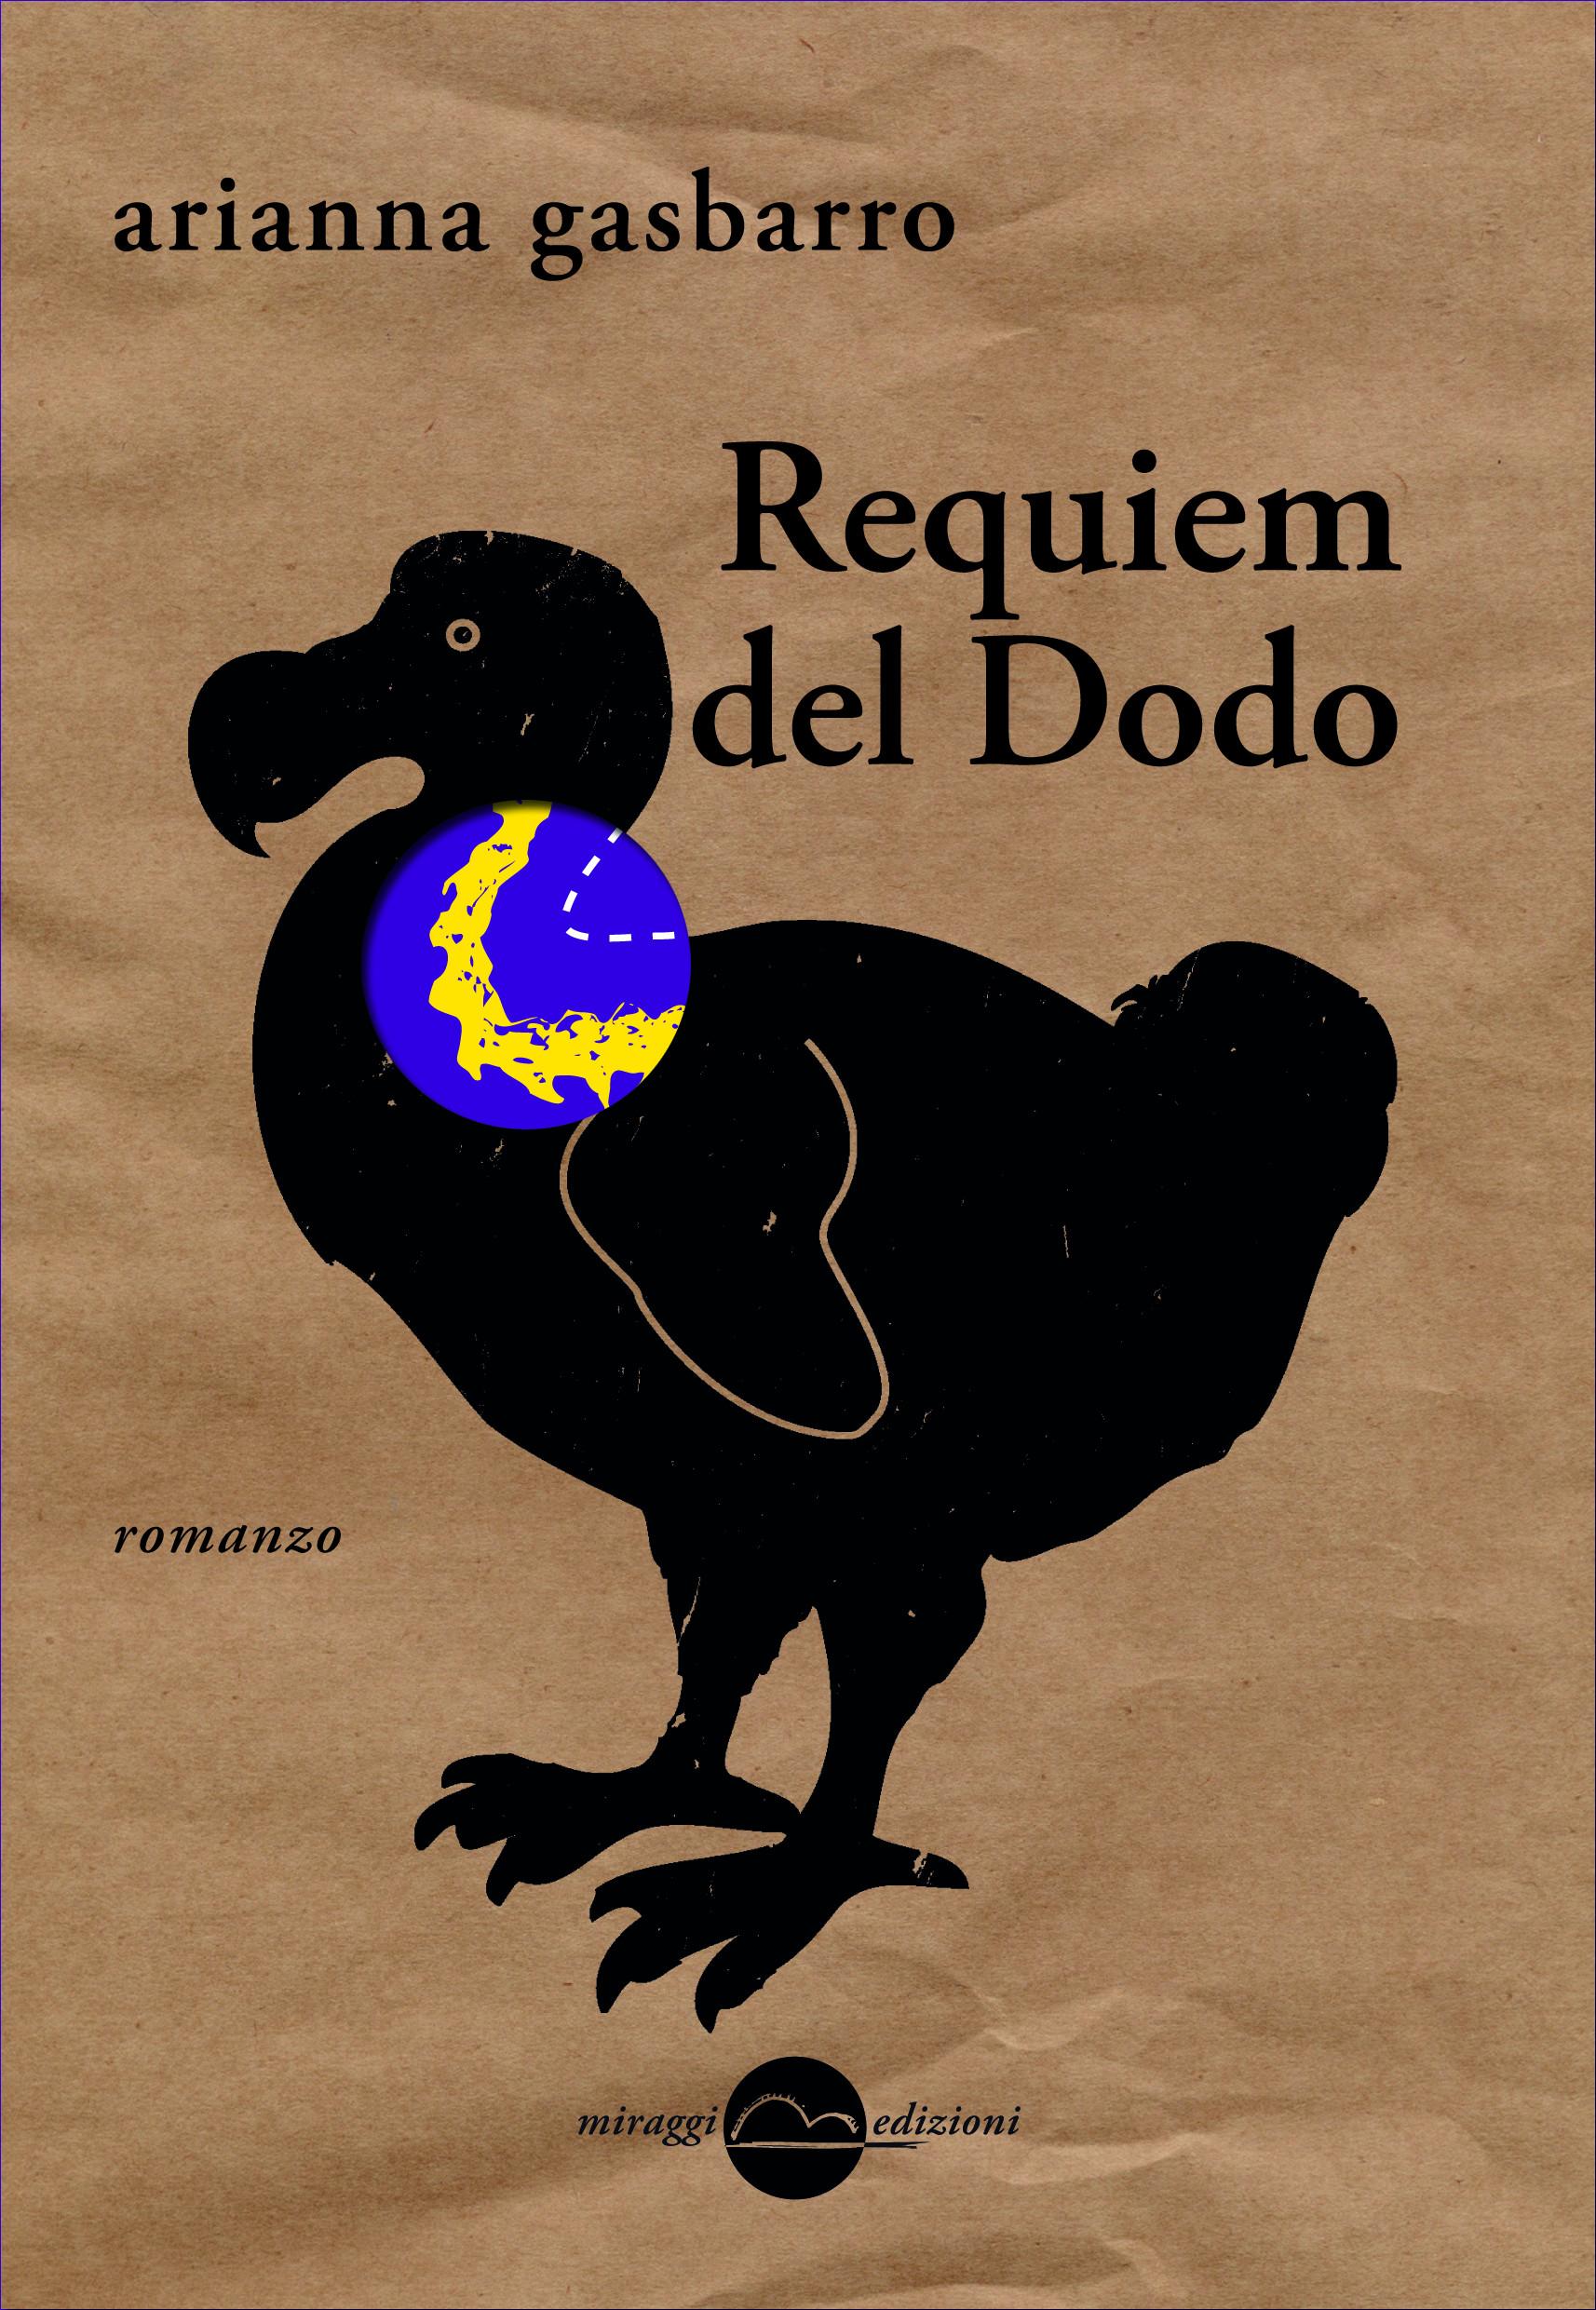 Requiem del dodo_flat